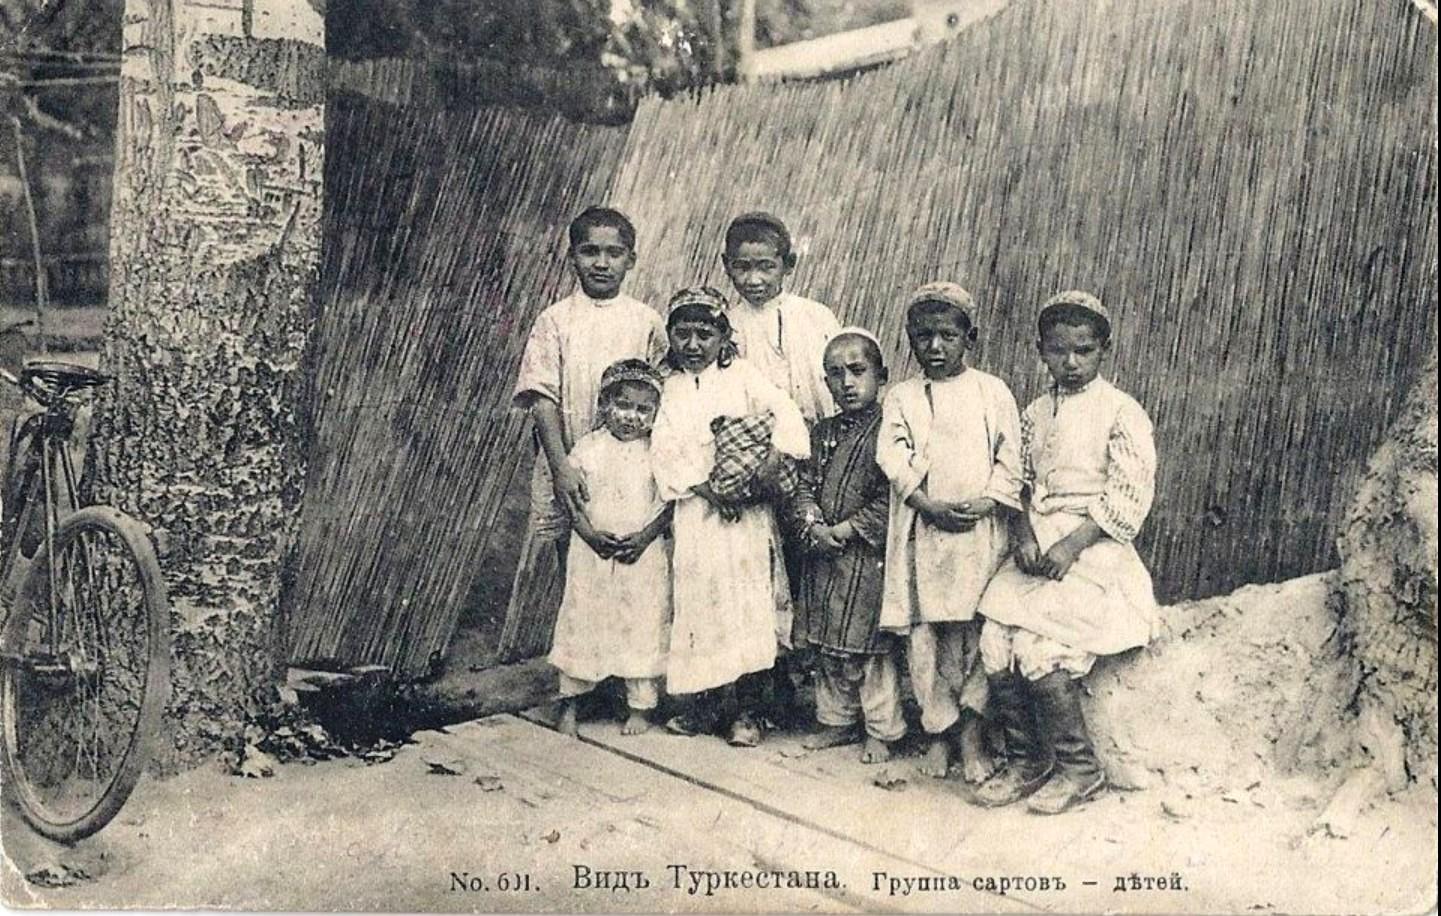 Группа сартов-детей